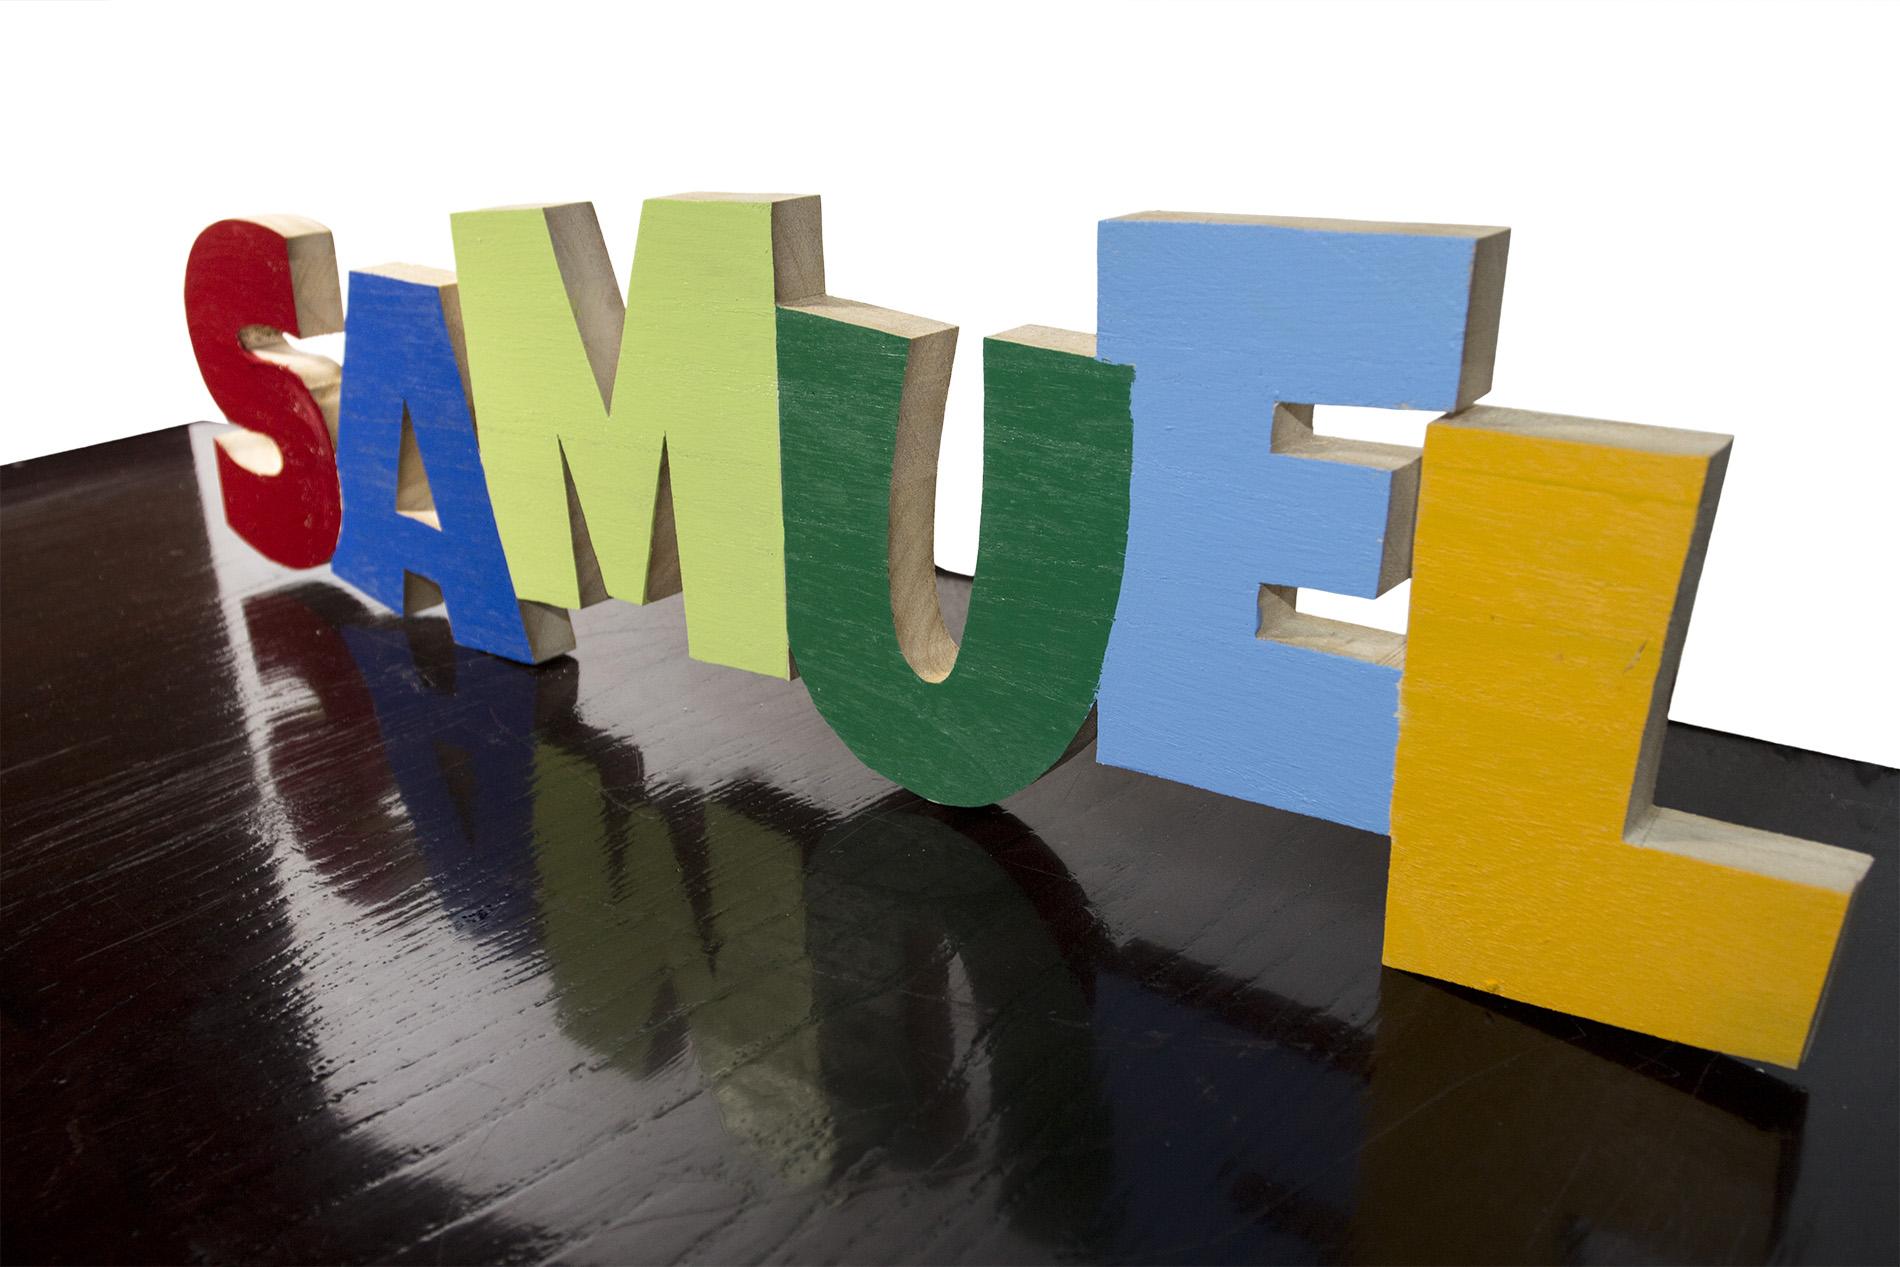 Nomi Di Legno Per Bambini - Lettere Sagomate